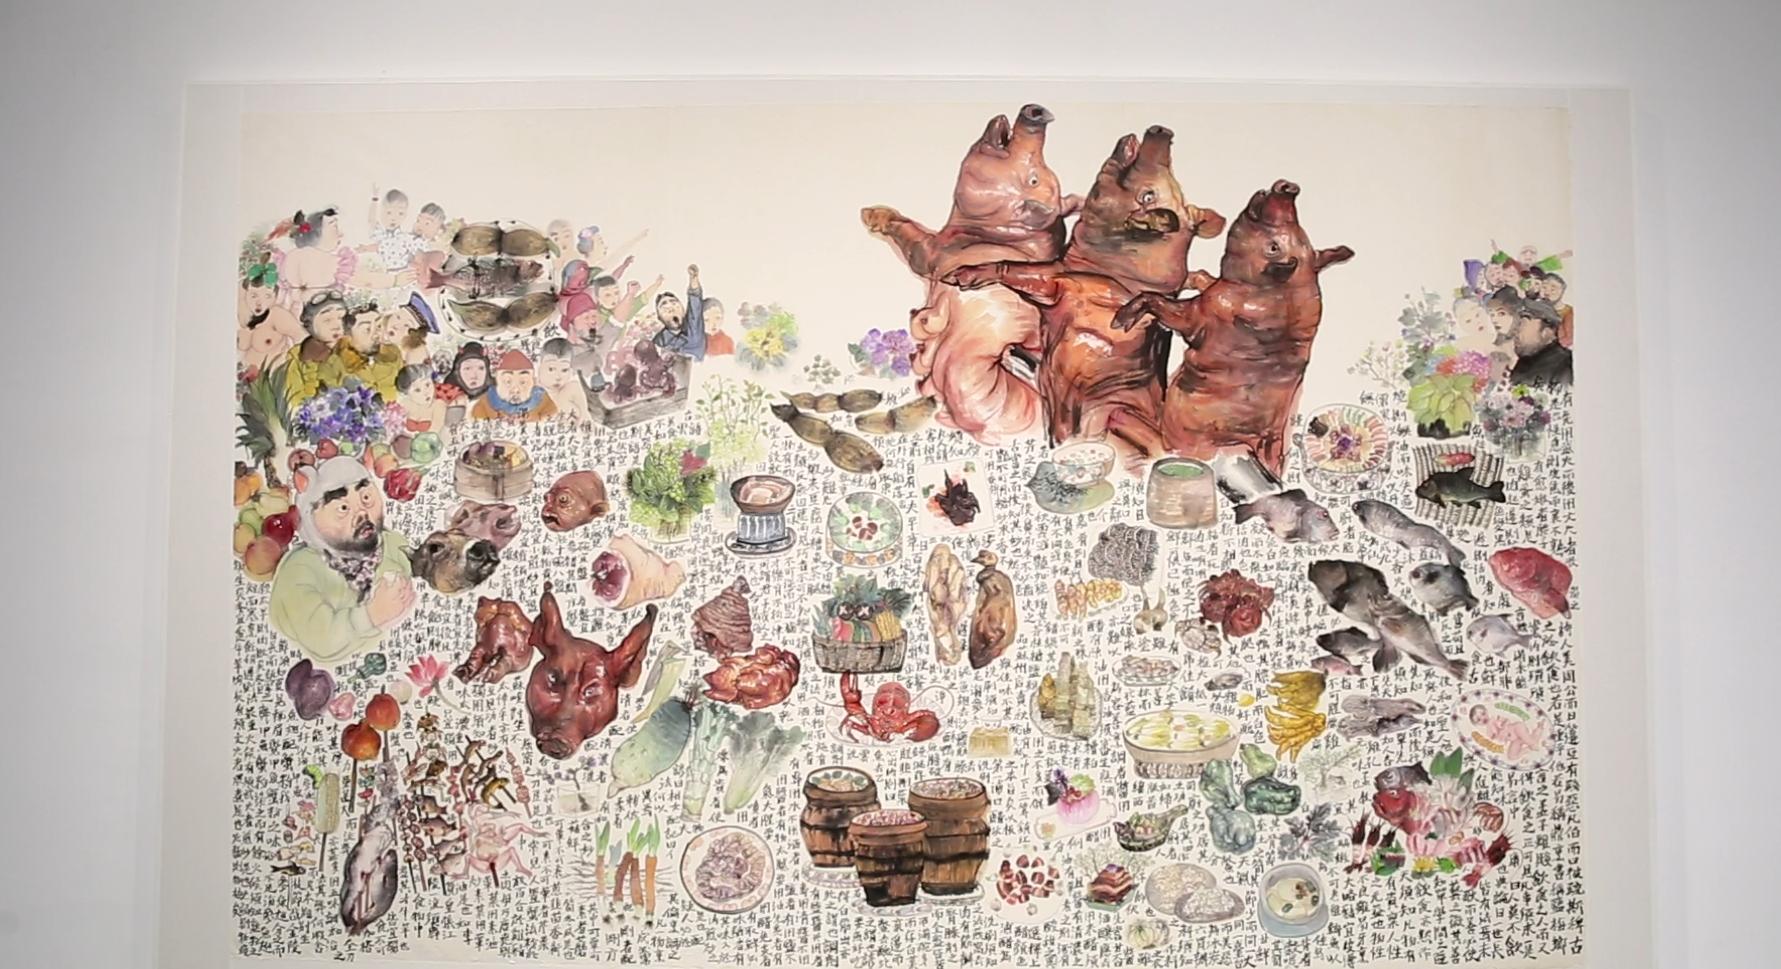 被遮蔽的桃花源丨中国传统文化与当代艺术的碰撞